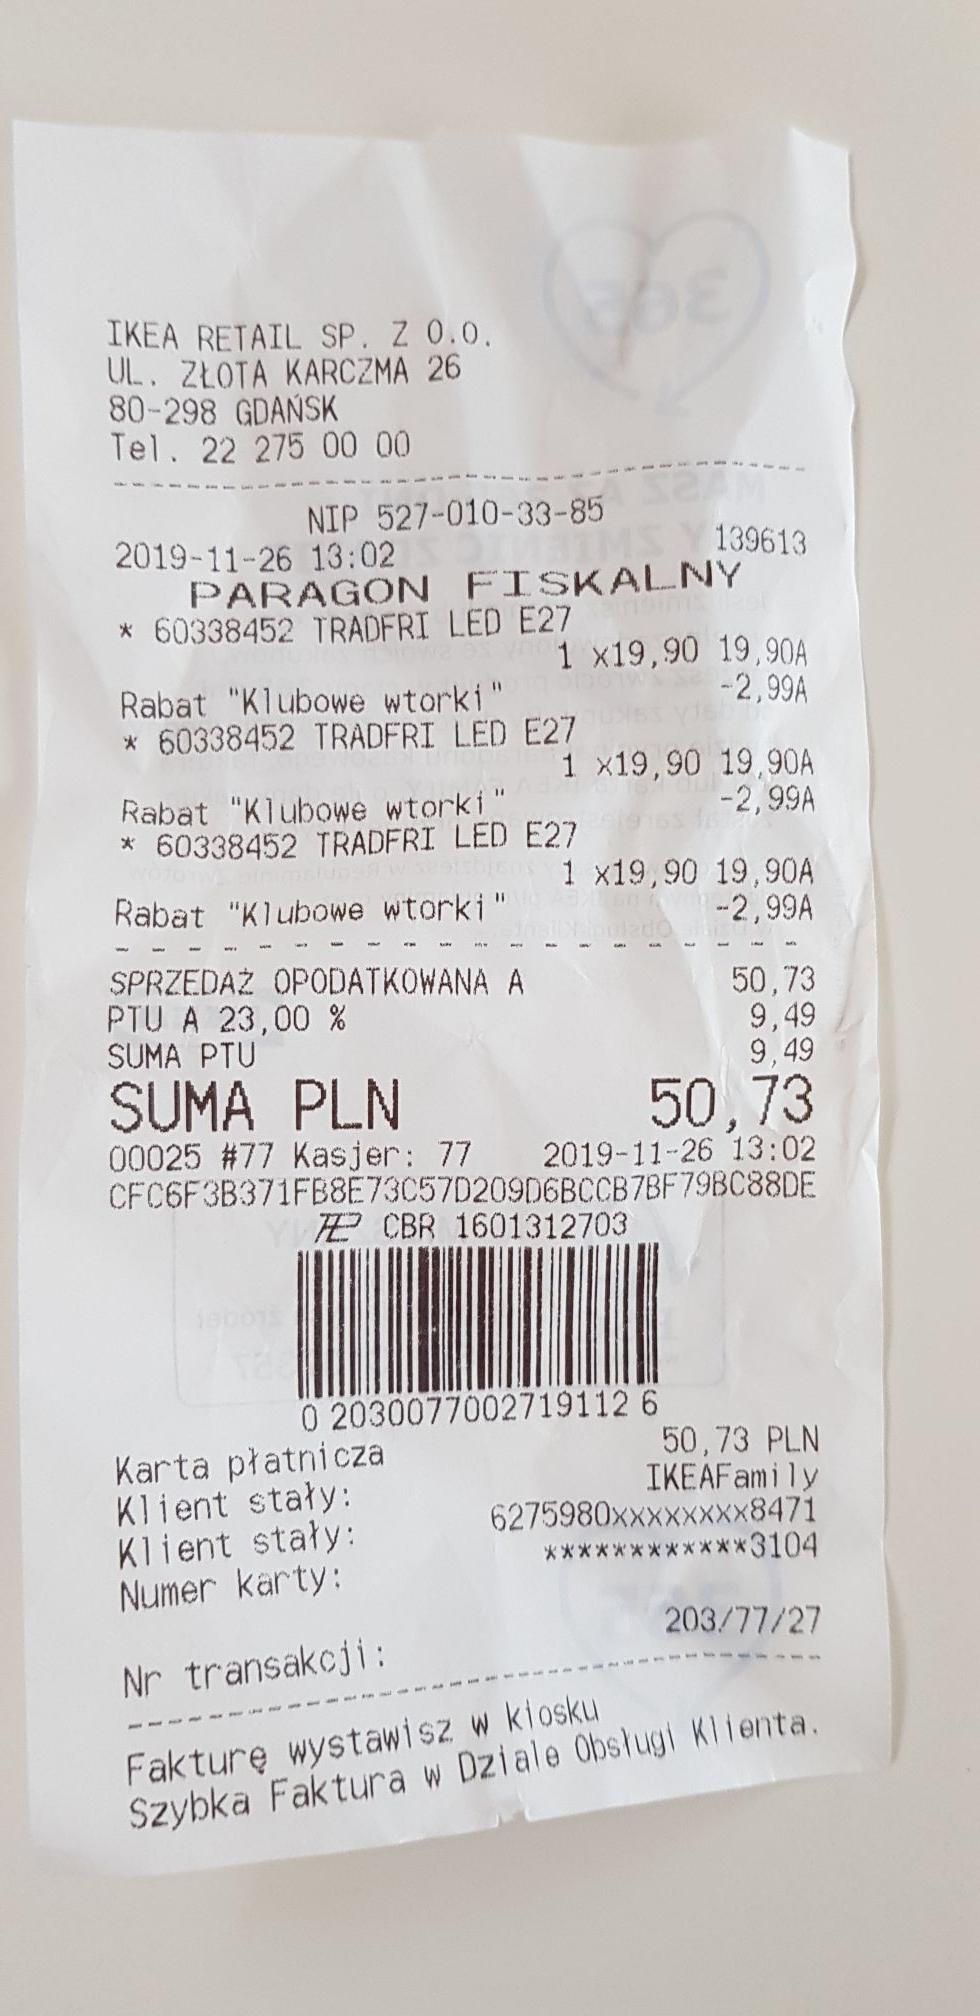 Żarówki Ikea tradfri 1000lm. Ikea Gdańsk